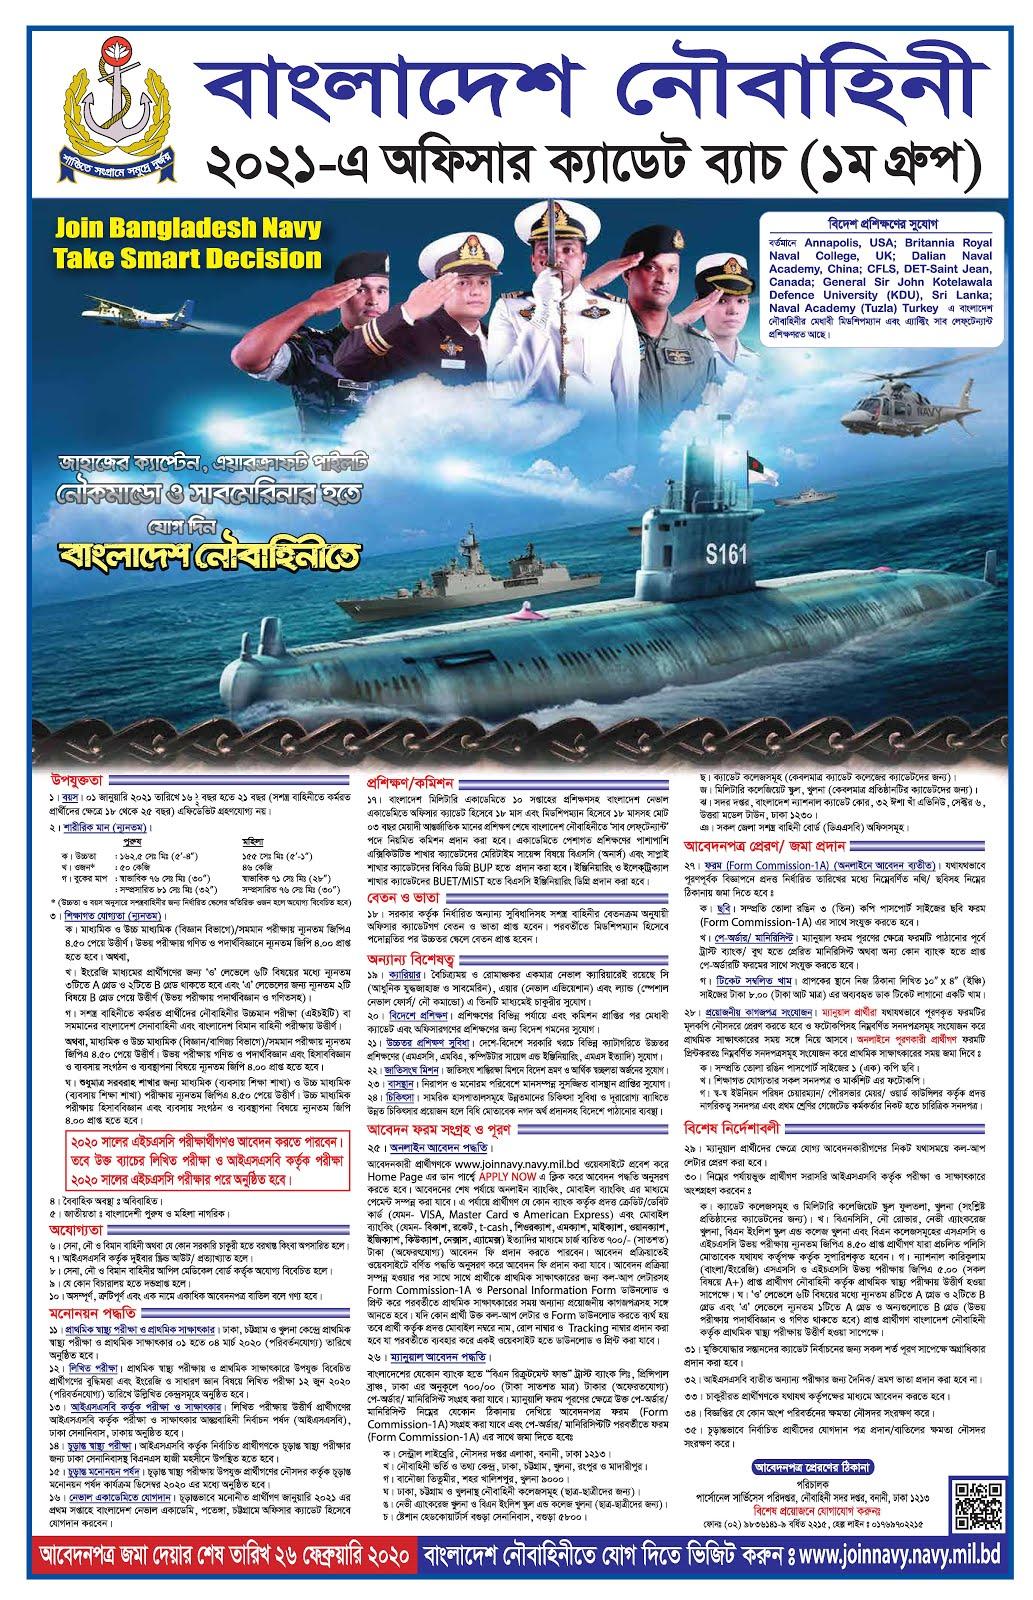 নৌবাহিনীতে নিয়োগ বিজ্ঞপ্তি ২০২০ - Navy Job circular 2020 - চাকরির বাজার